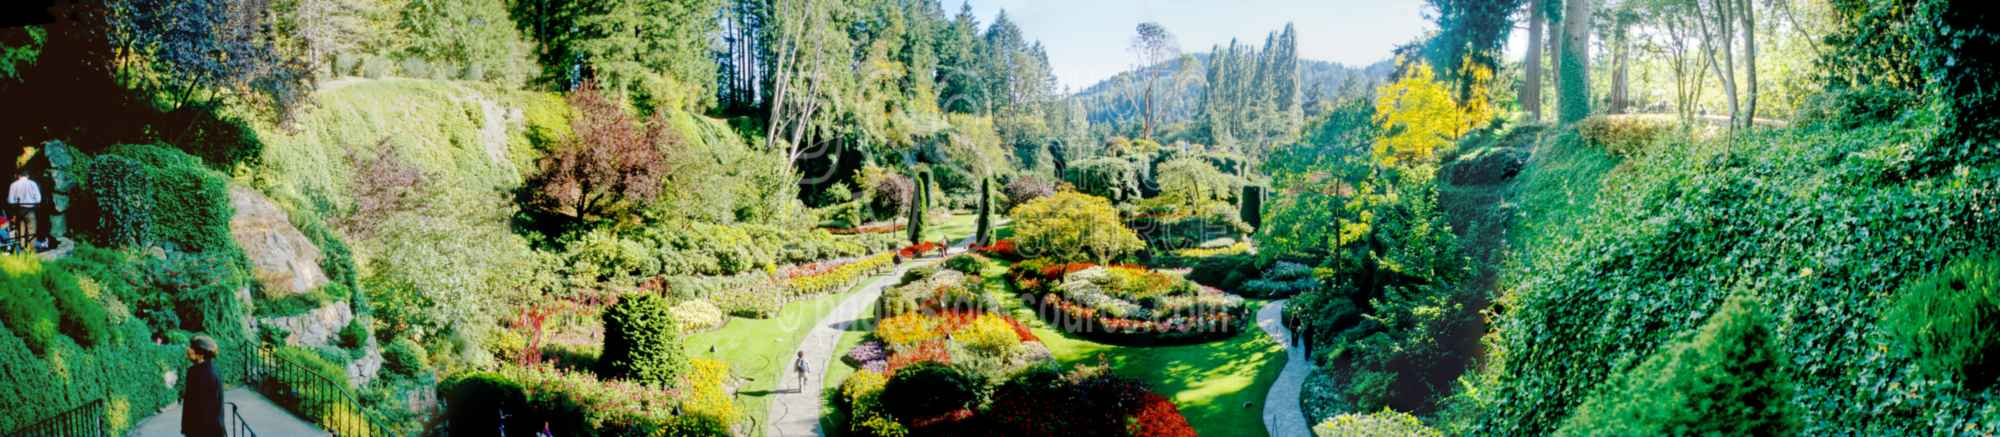 Sunken Garden Overlook